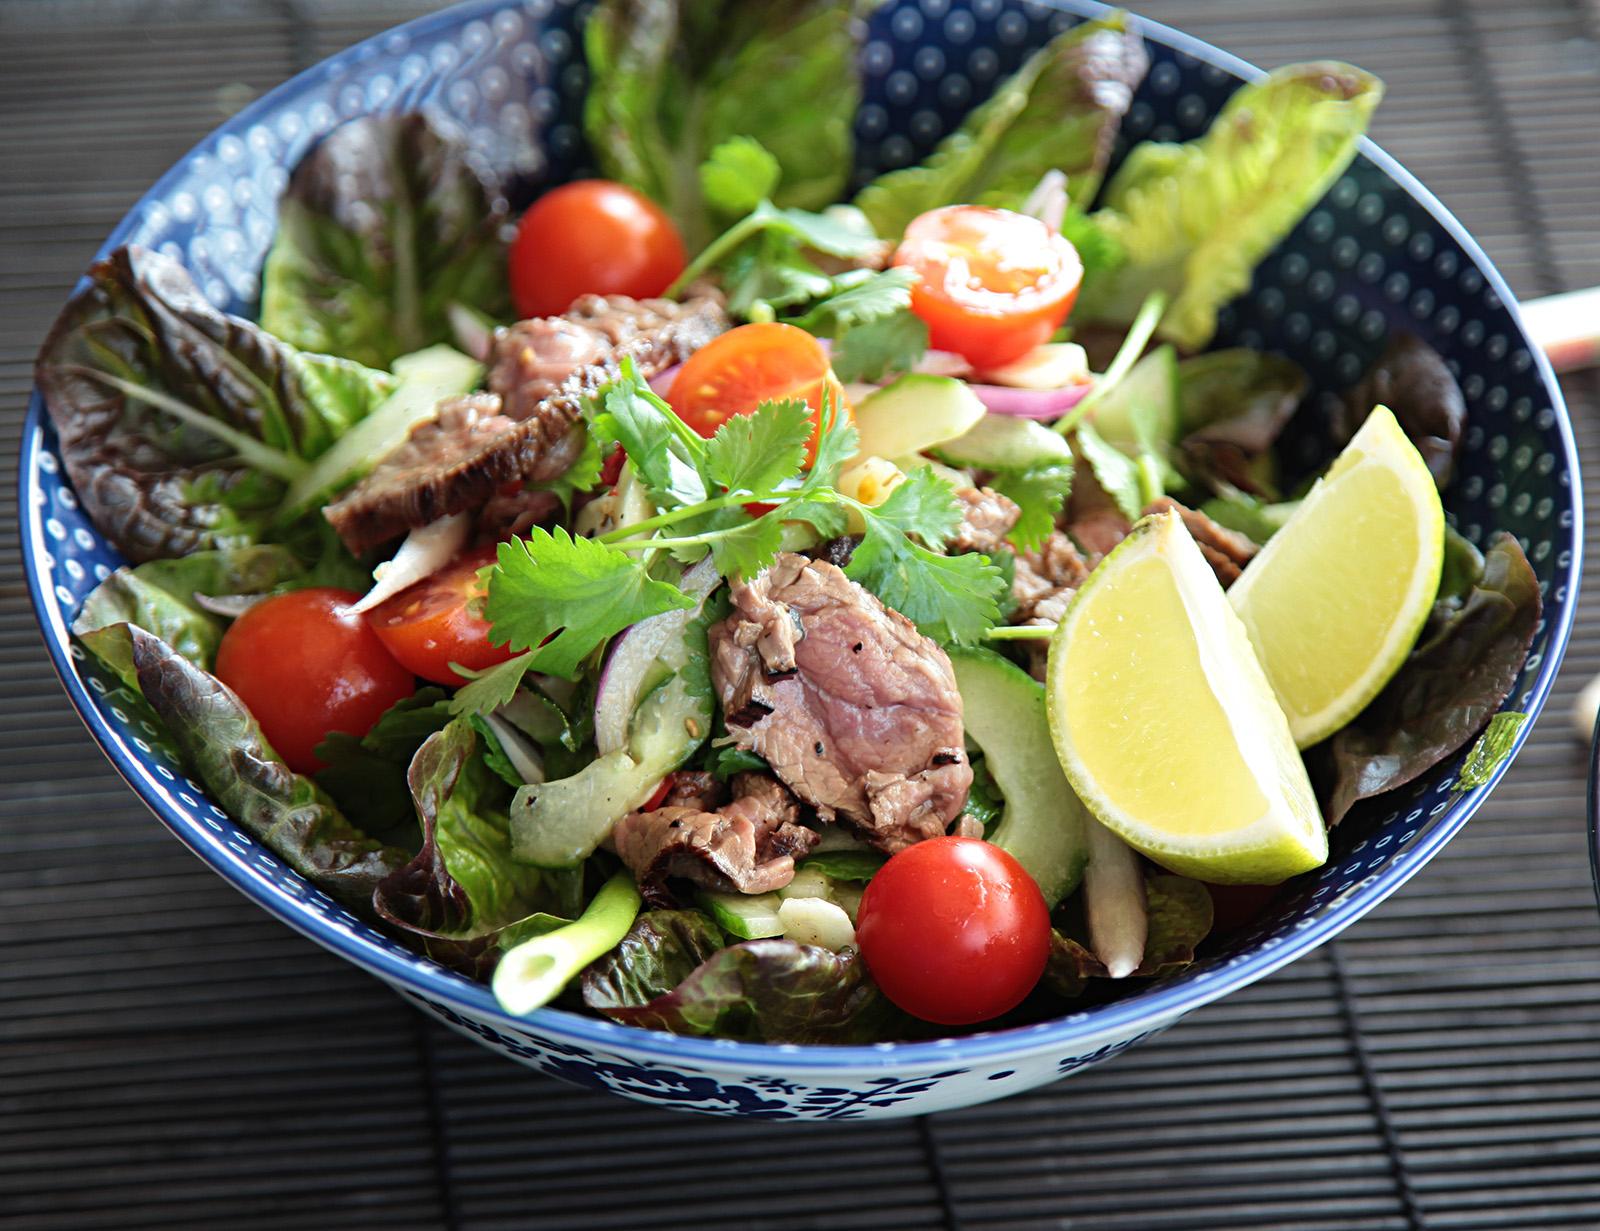 Hovězí maso by mělo zůstat šťavnaté a středně propečené